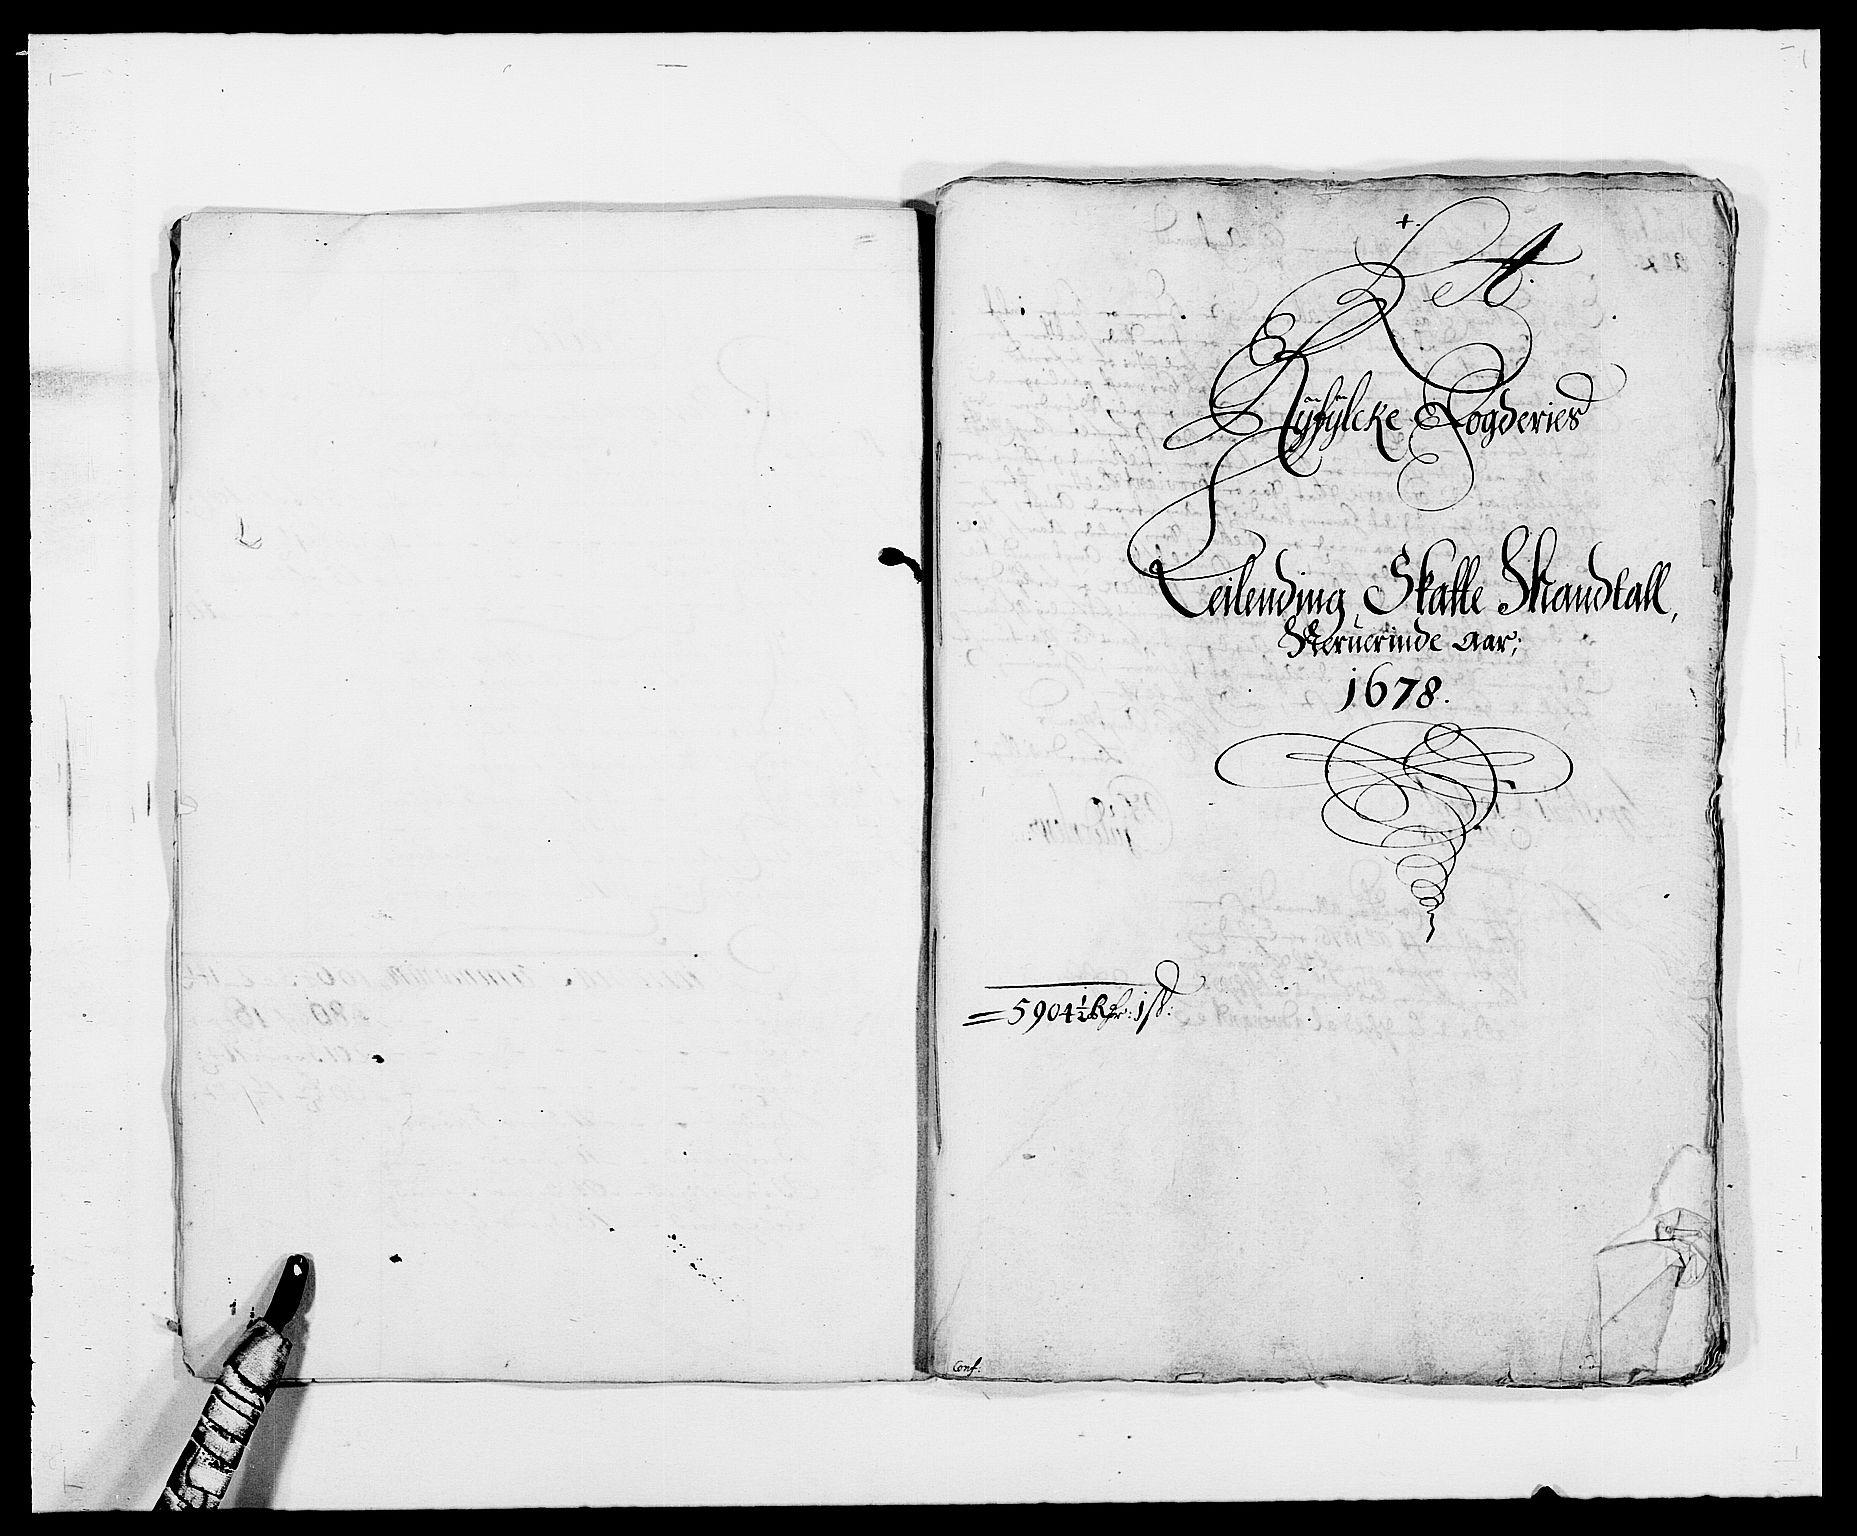 RA, Rentekammeret inntil 1814, Reviderte regnskaper, Fogderegnskap, R47/L2848: Fogderegnskap Ryfylke, 1678, s. 63